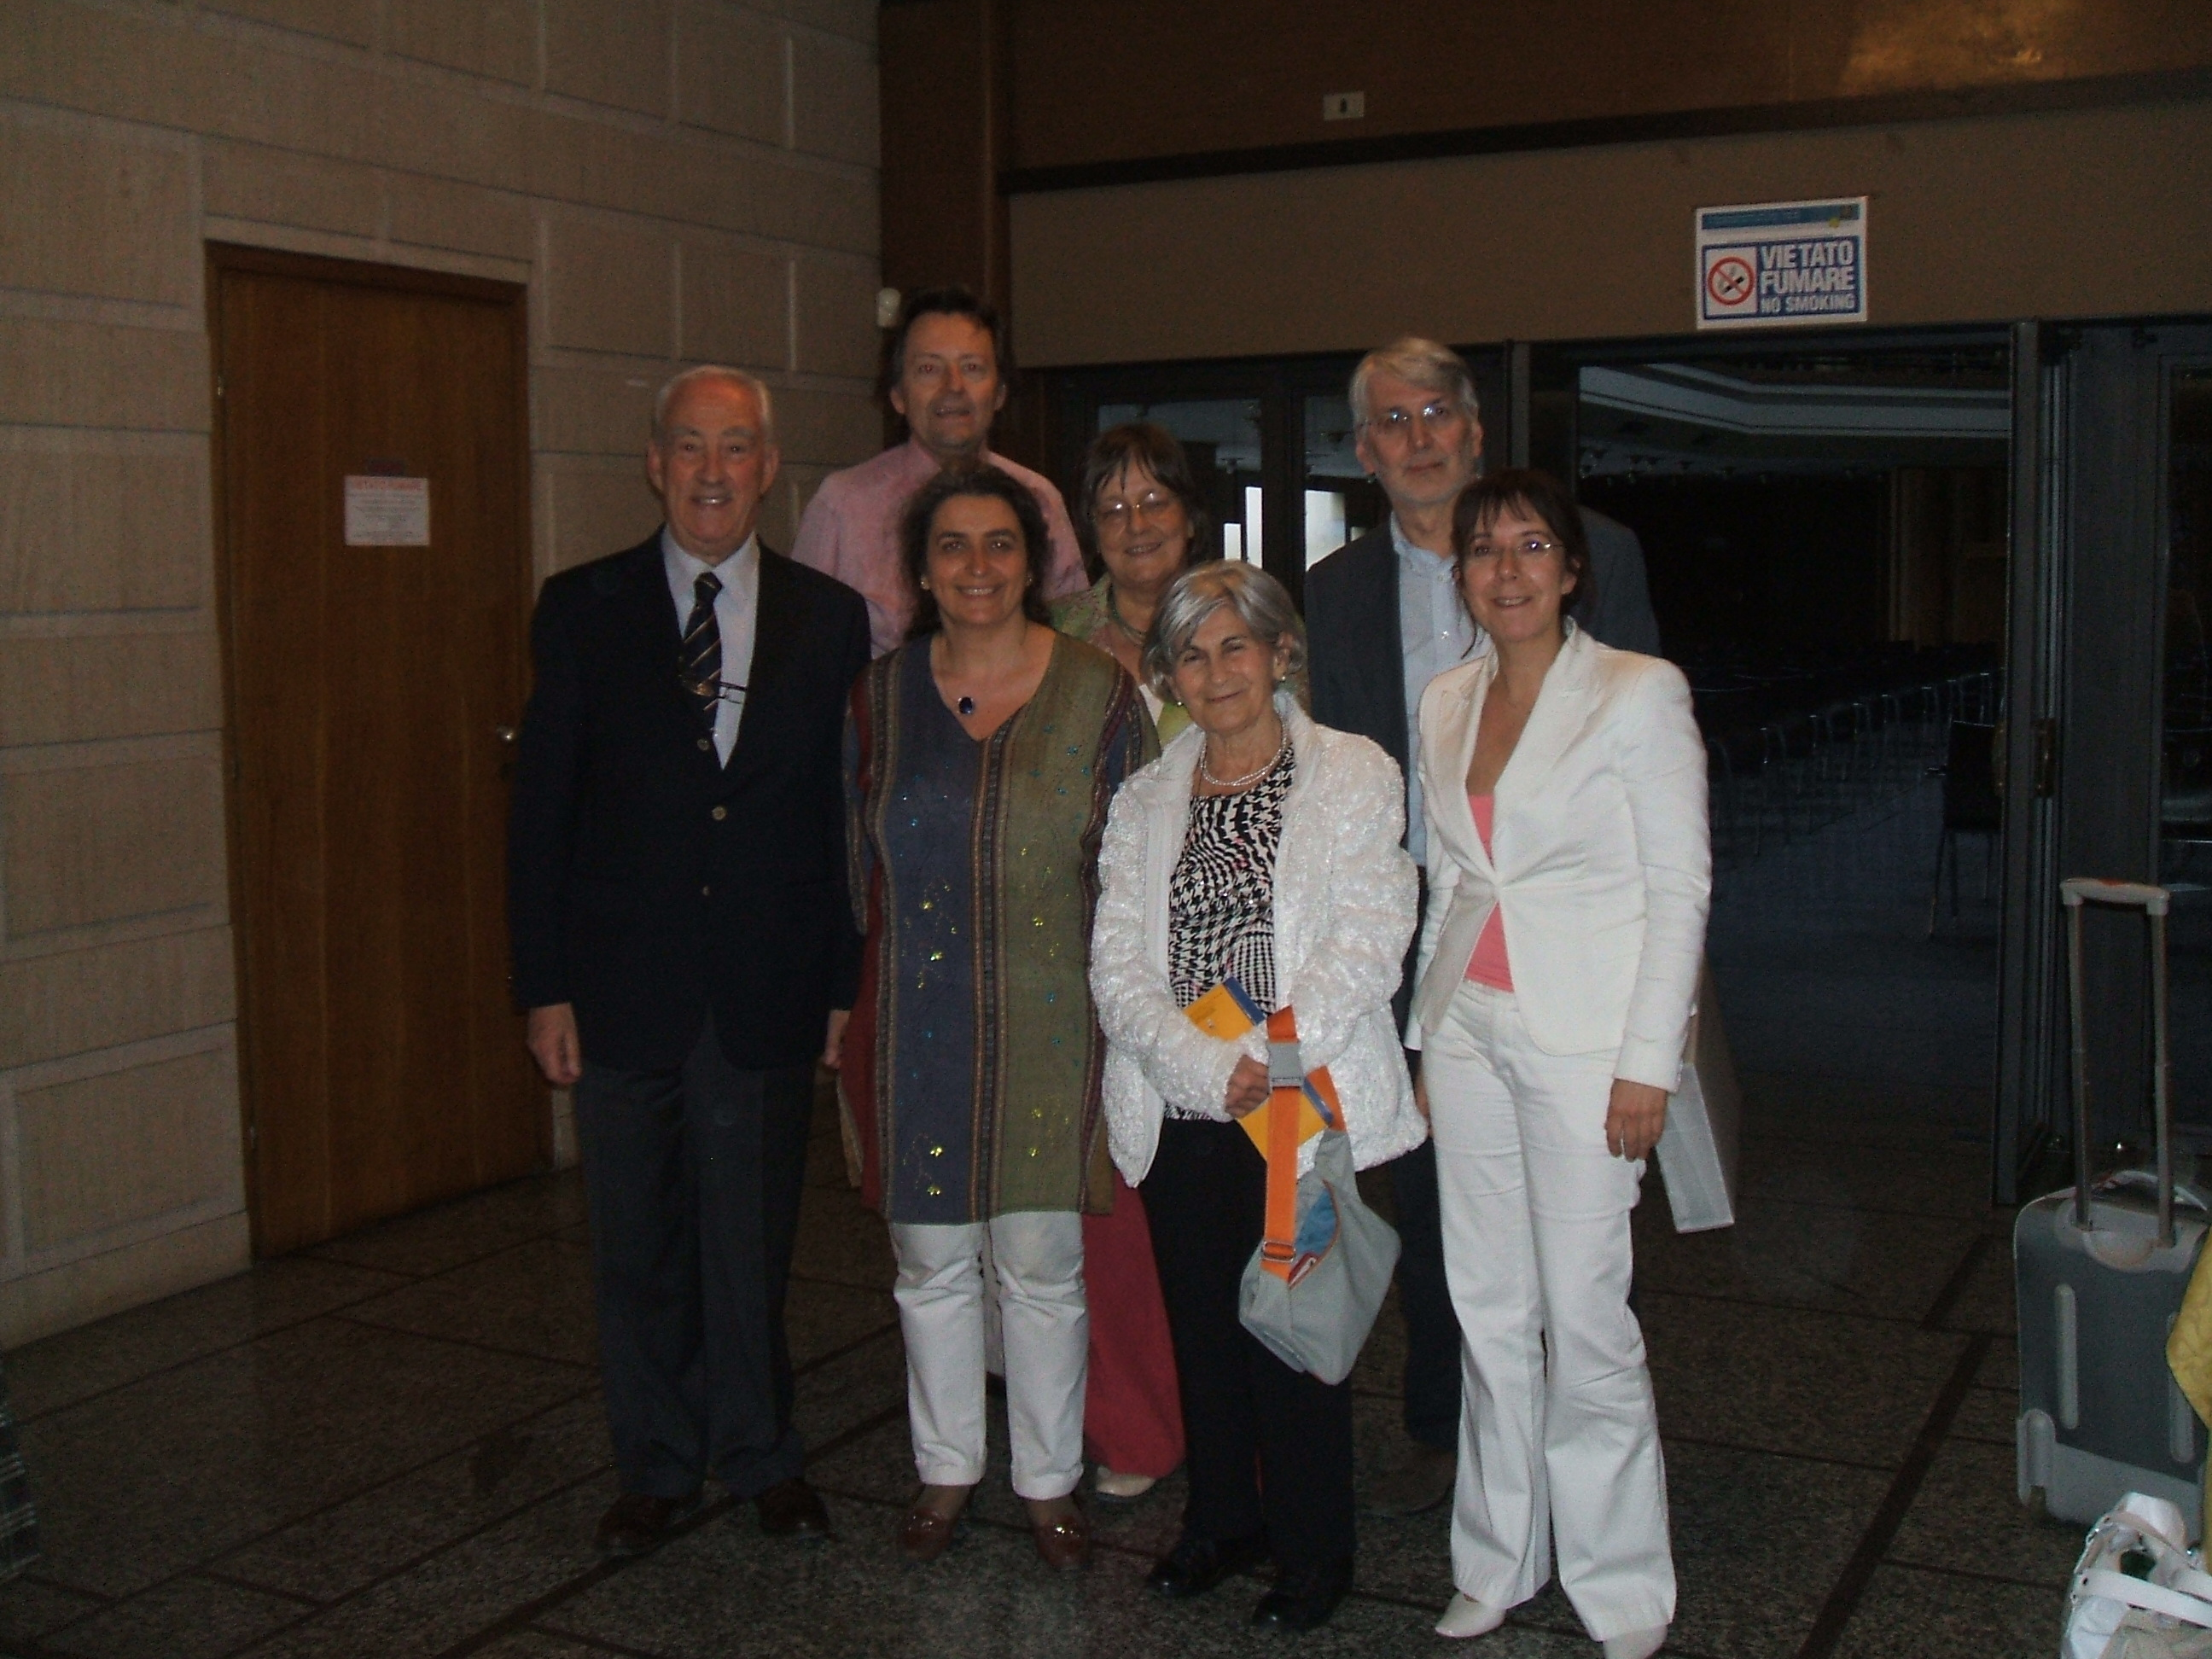 Riunione ESTA Italia a Cremona, 2008. Nella foto, da sinistra: 1a fila: Bruno Giuranna, Monica Cuneo, Kato Havas, Caroline Duffner; 2a fila: Ennio Francescato, Satu Jalas, Roberto Moro